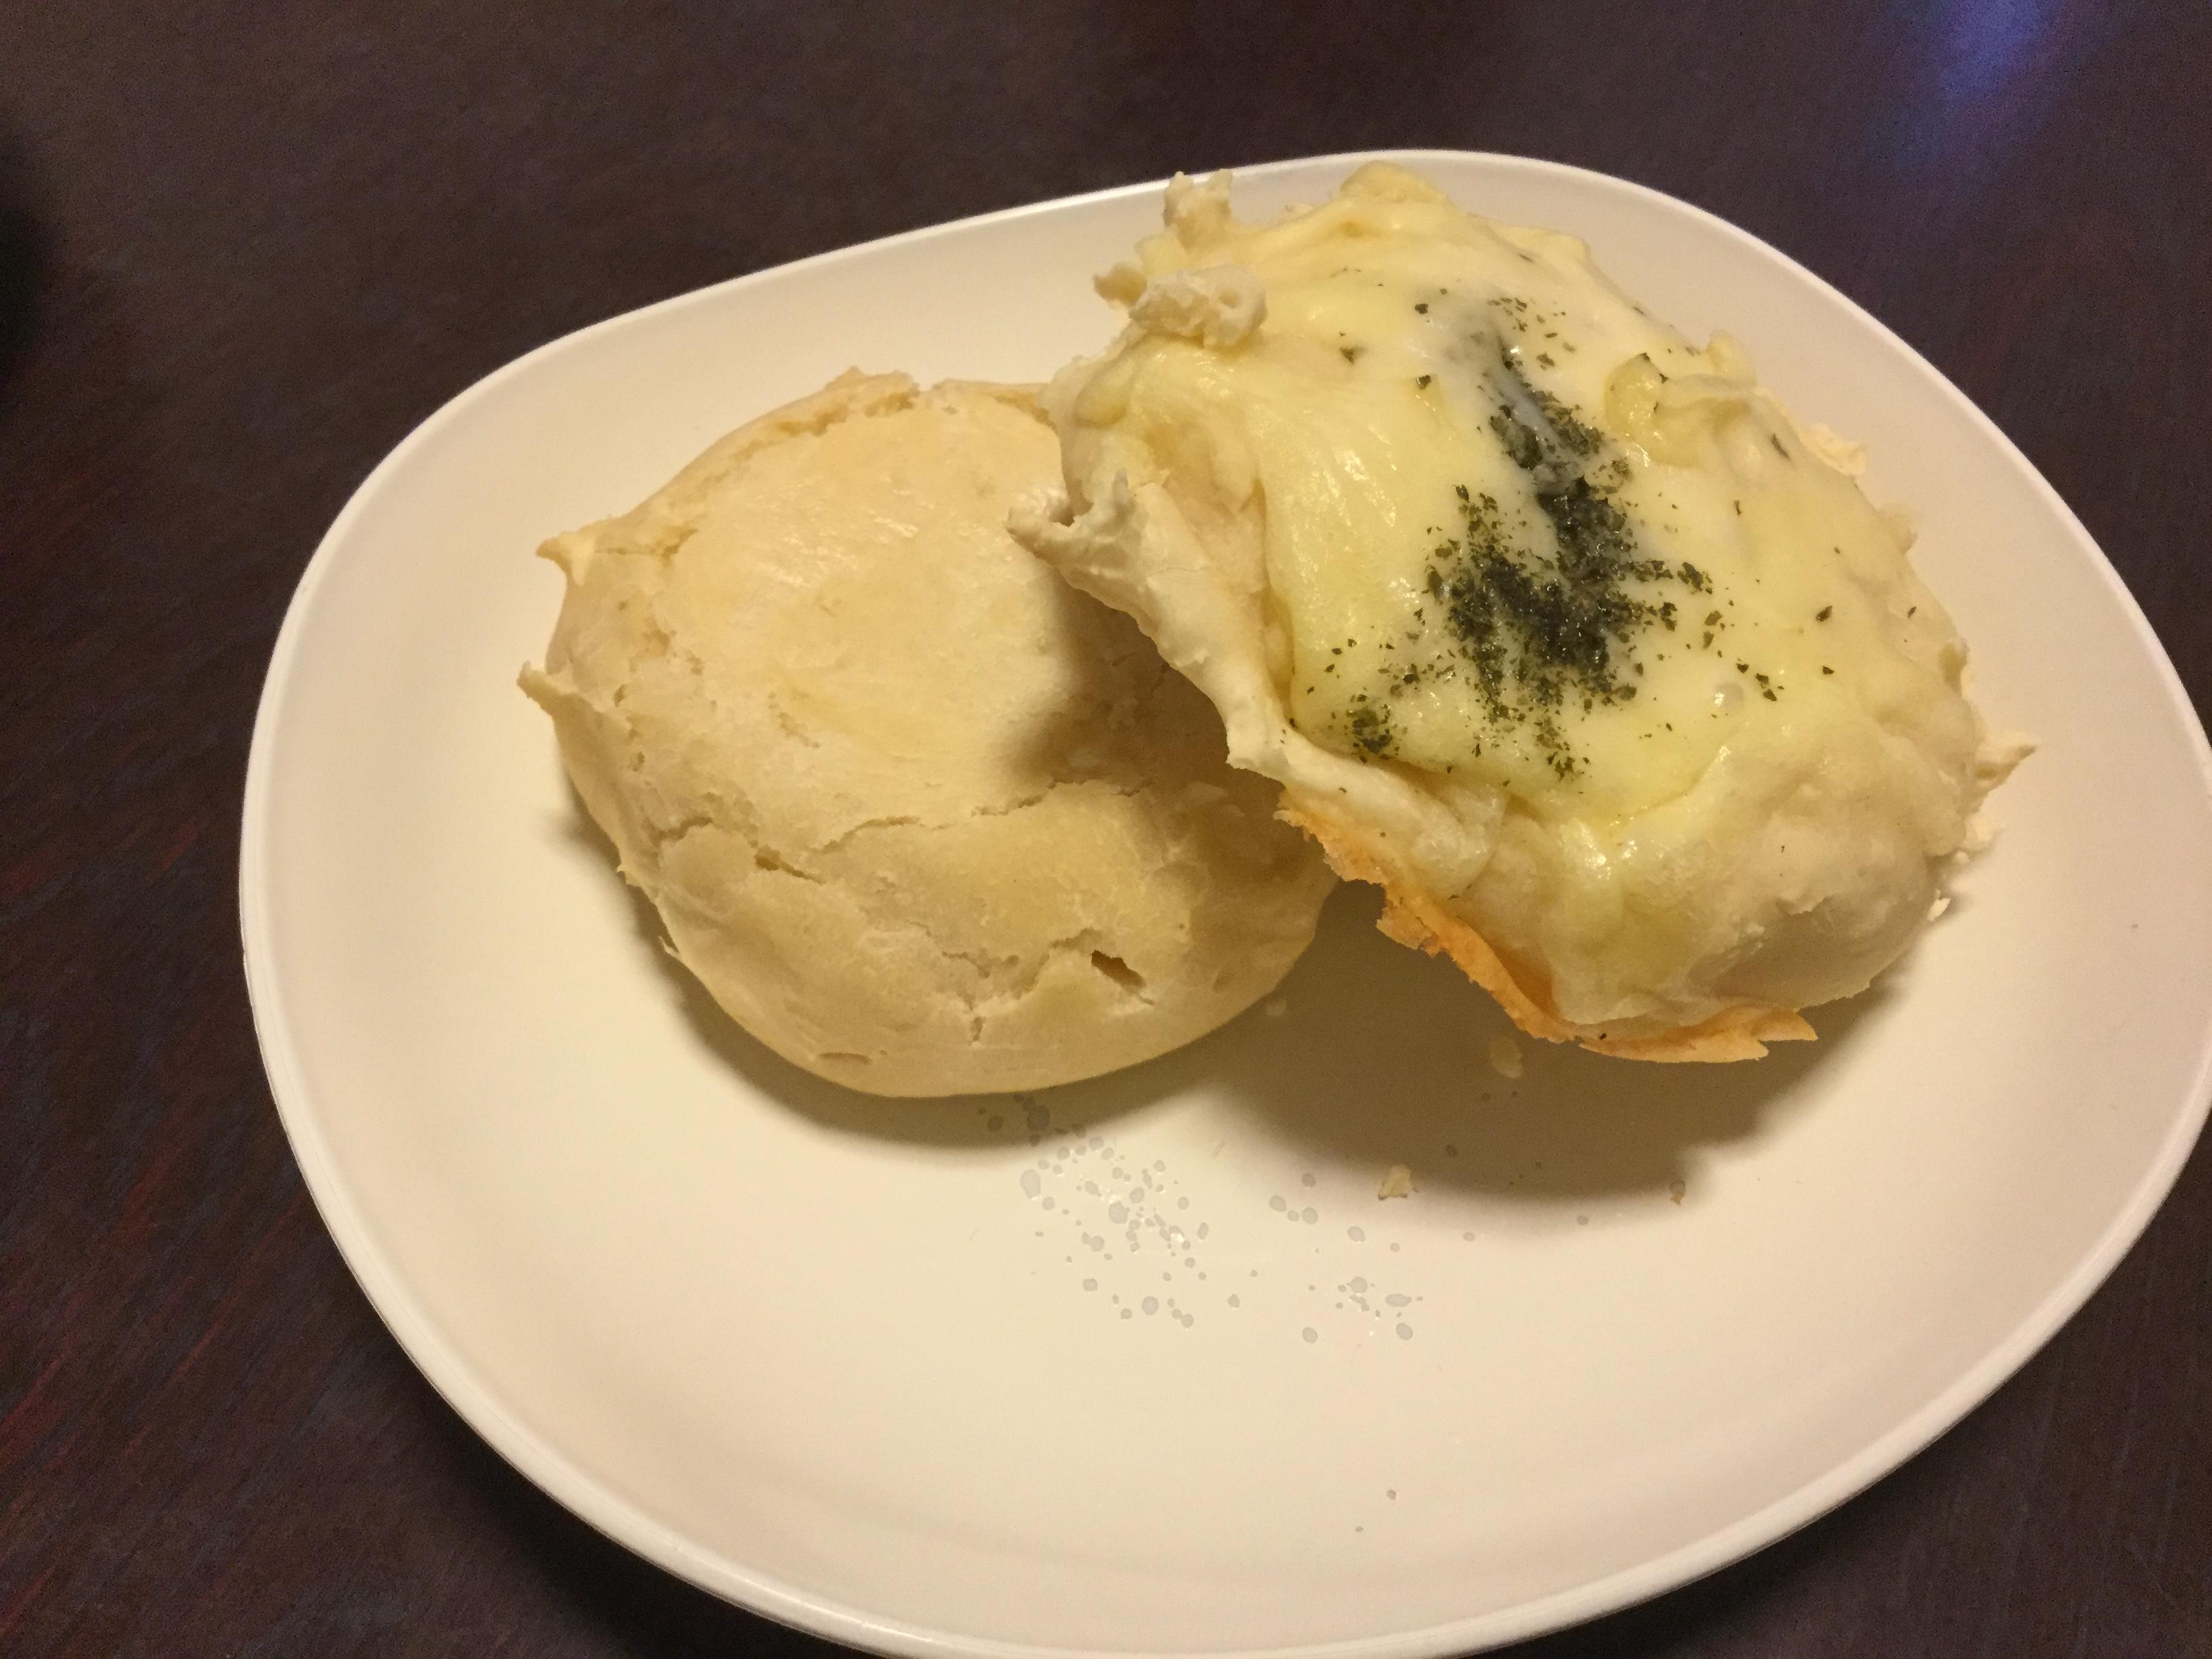 脱マンネリ!簡単キャンプ飯!スキレットで無発酵パン!